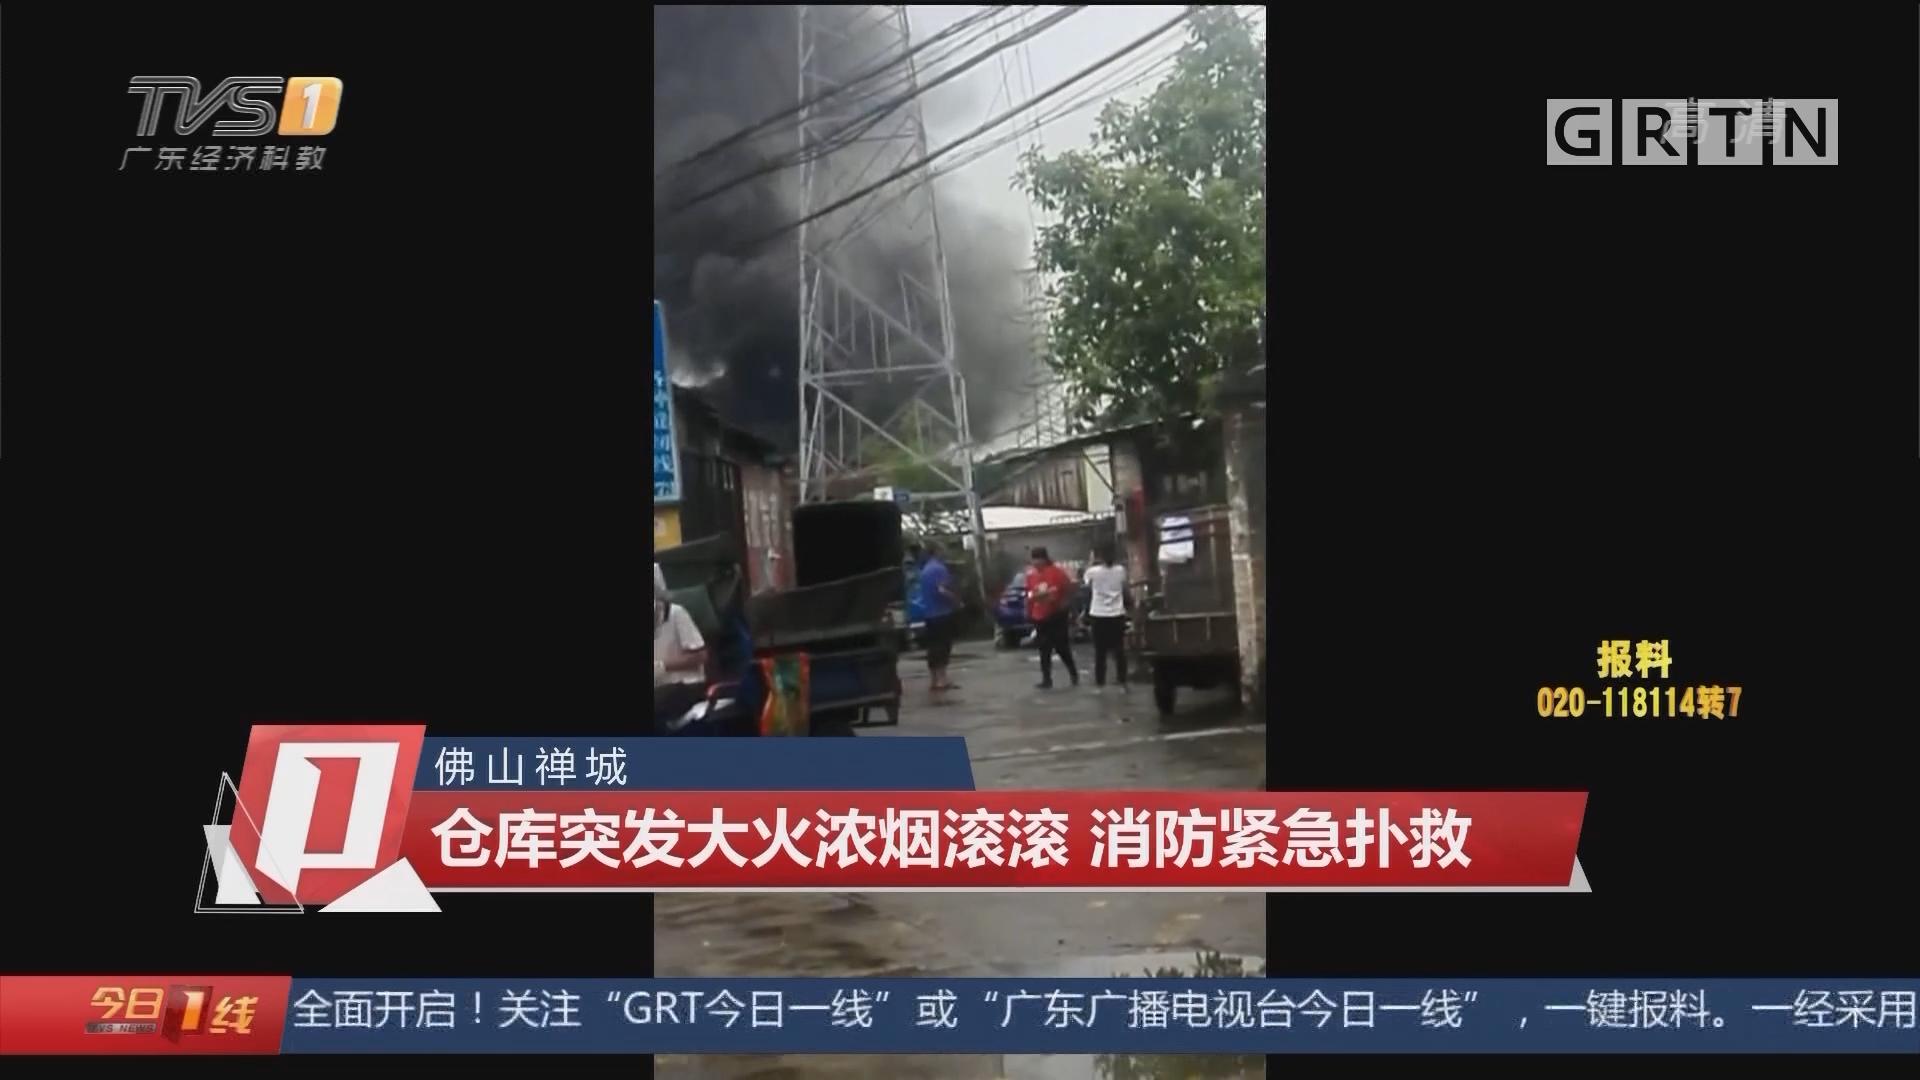 佛山禅城:仓库突发大火浓烟滚滚 消防紧急扑救